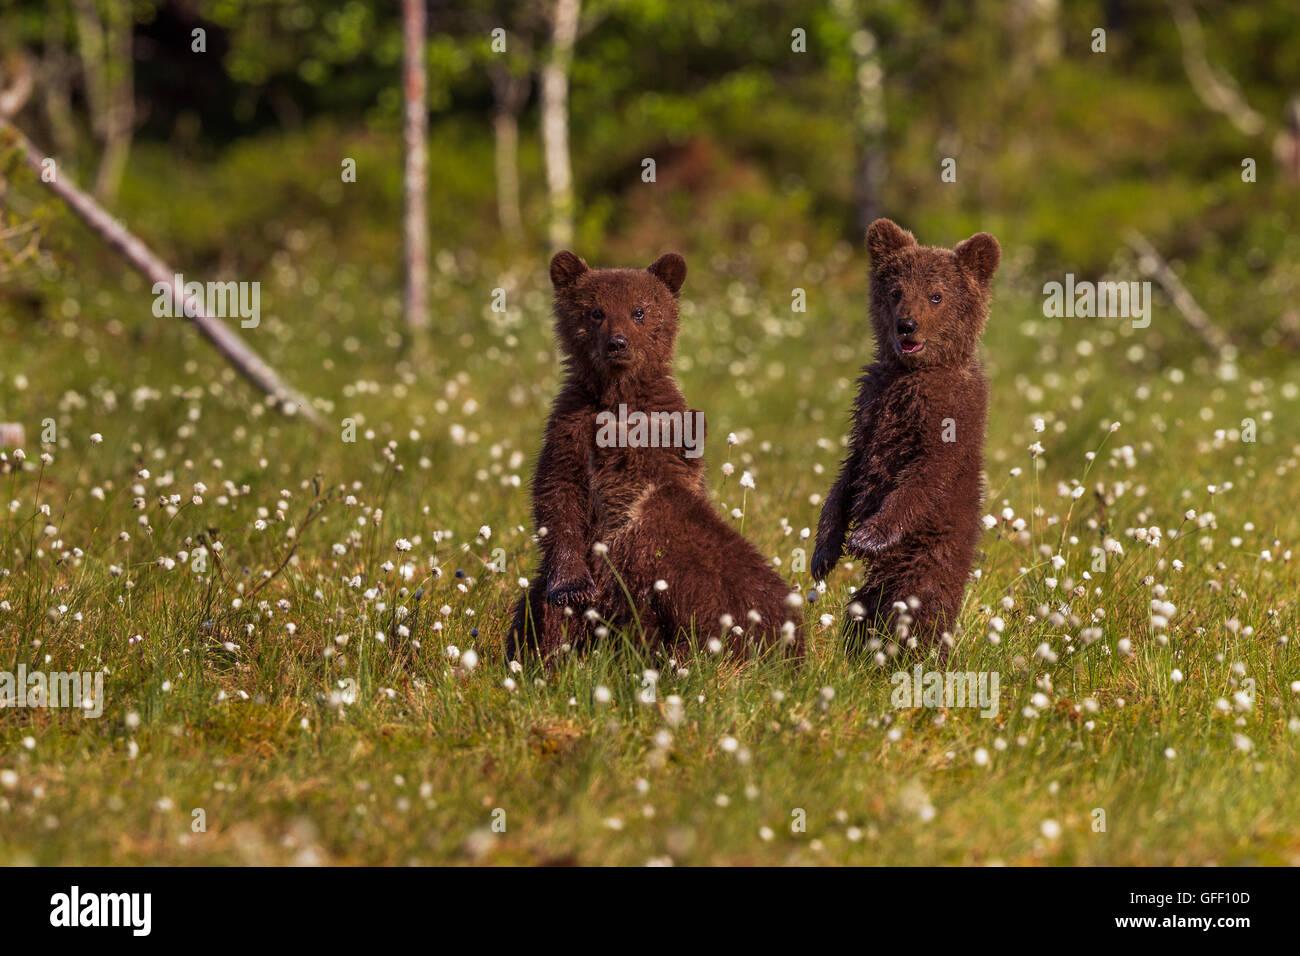 Trois petits ours brun dans un champ de la linaigrette du Canada, de la Finlande. Photo Stock